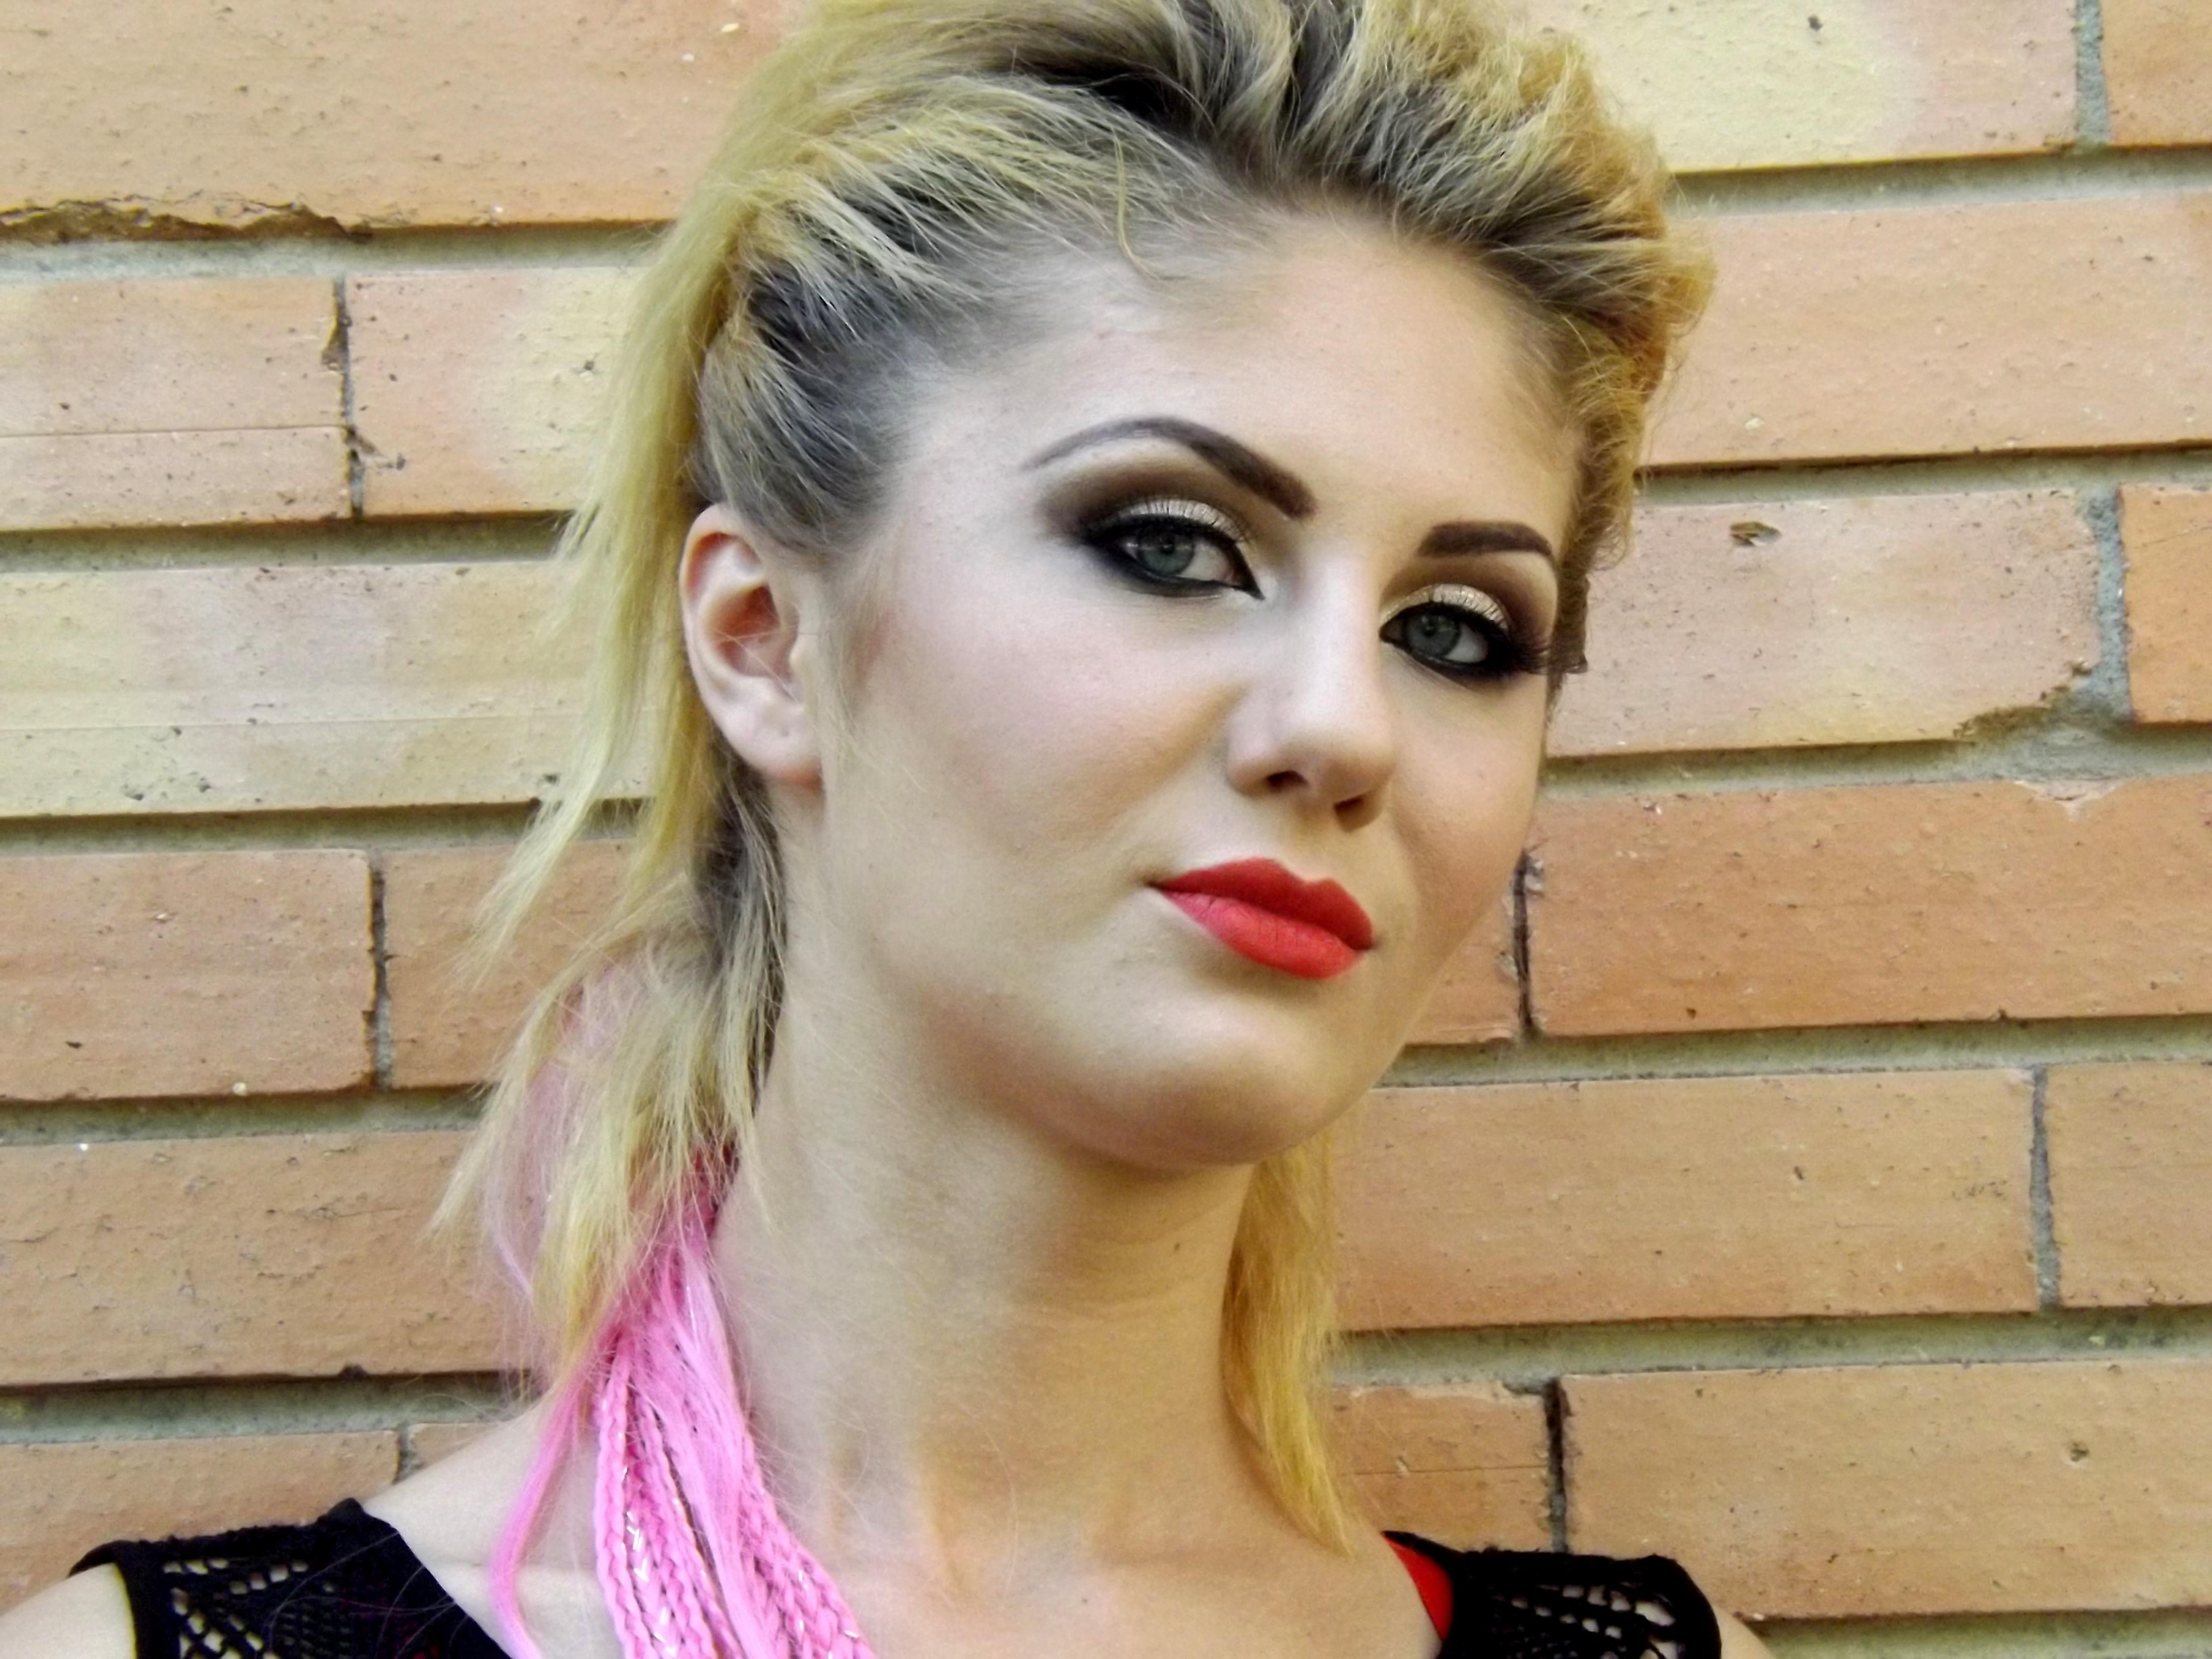 Fotoğraf Kaya Kişi Kız Kadın şarkıcı Model Moda Bayan